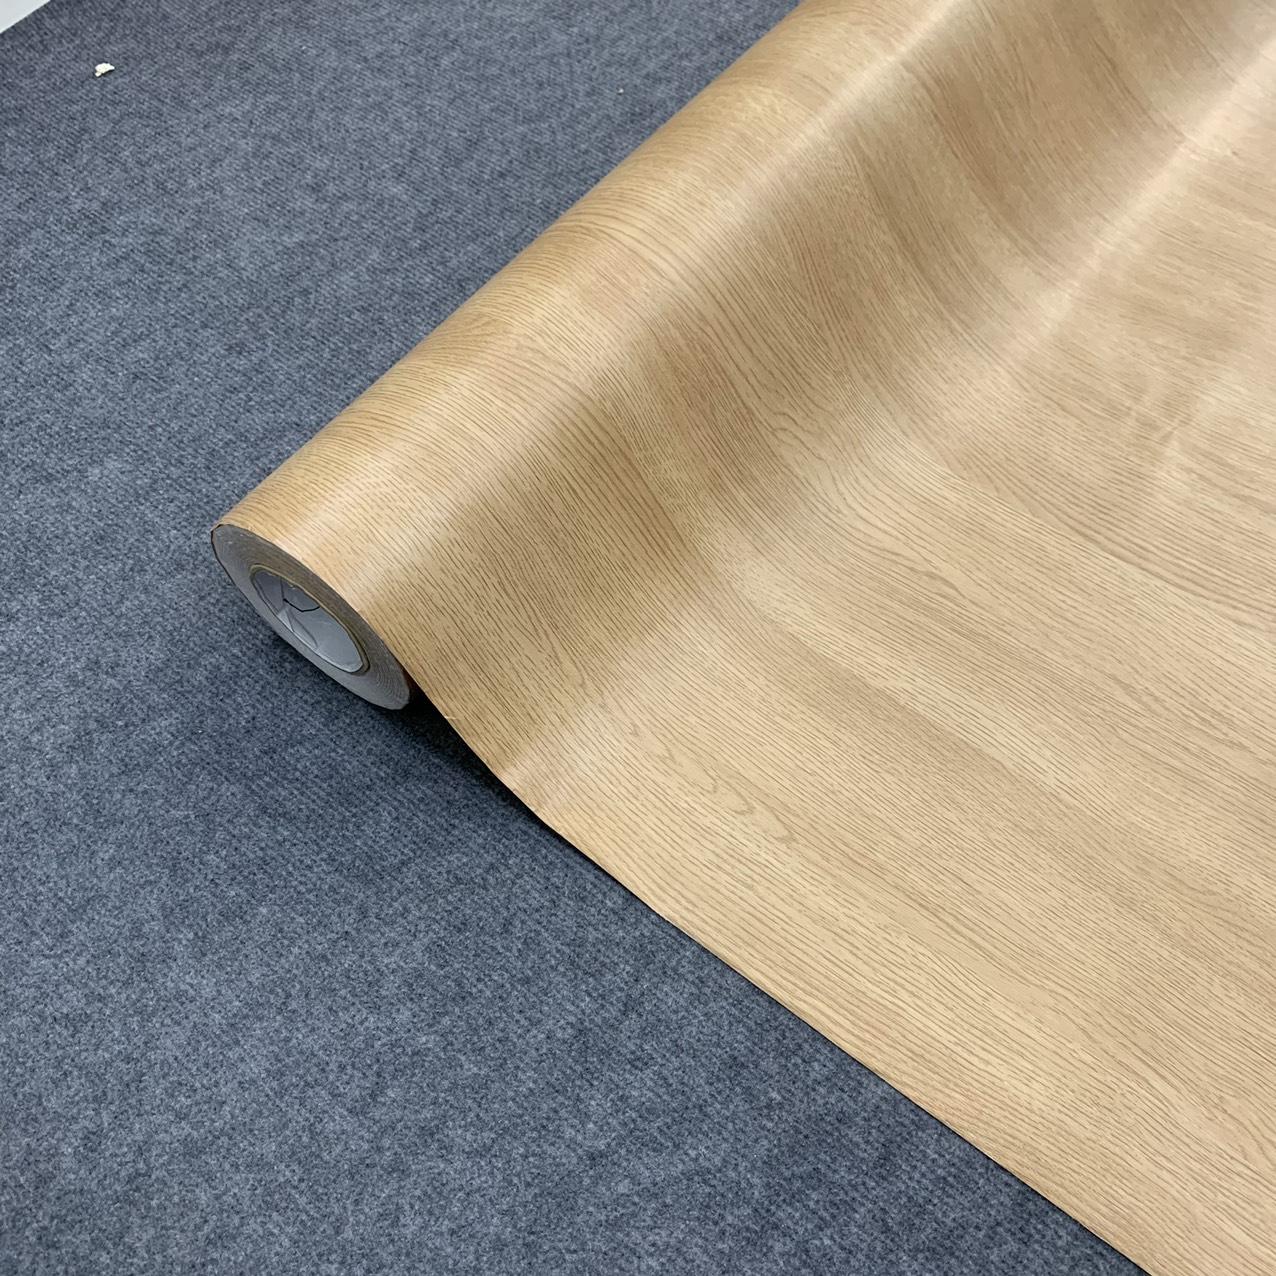 Decal vân gỗ màu vàng kem - Giấy dán tường bàn tủ có sẵn keo ( khổ 1,2m - Mẫu G5 )